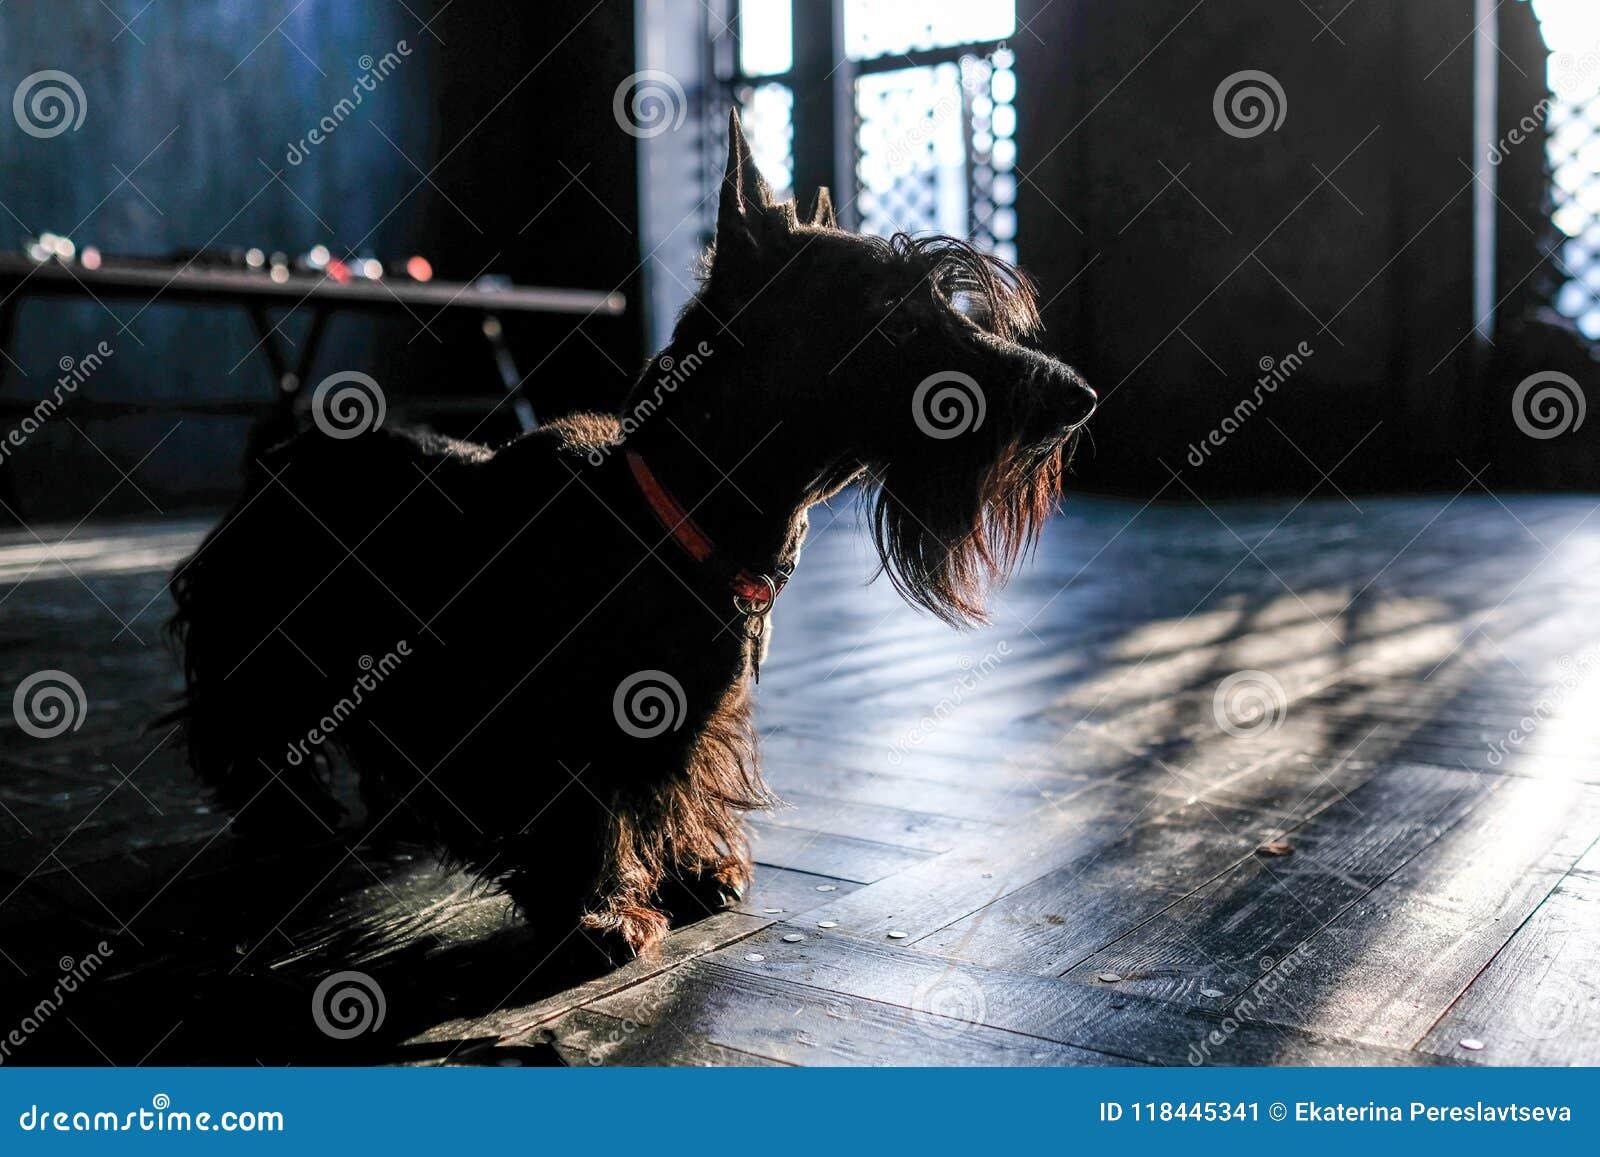 尾随黑狗,在黑地板上在阳光下,定调子